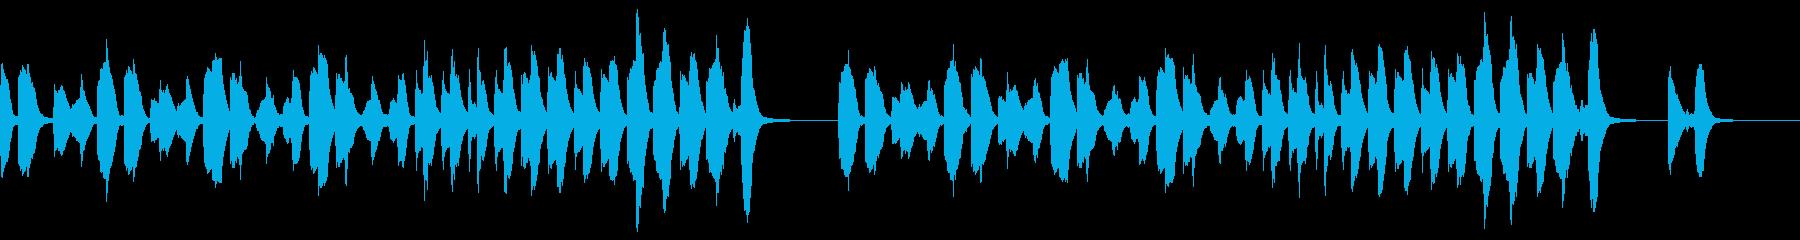 明るくほのぼのとしたピアノソロの再生済みの波形